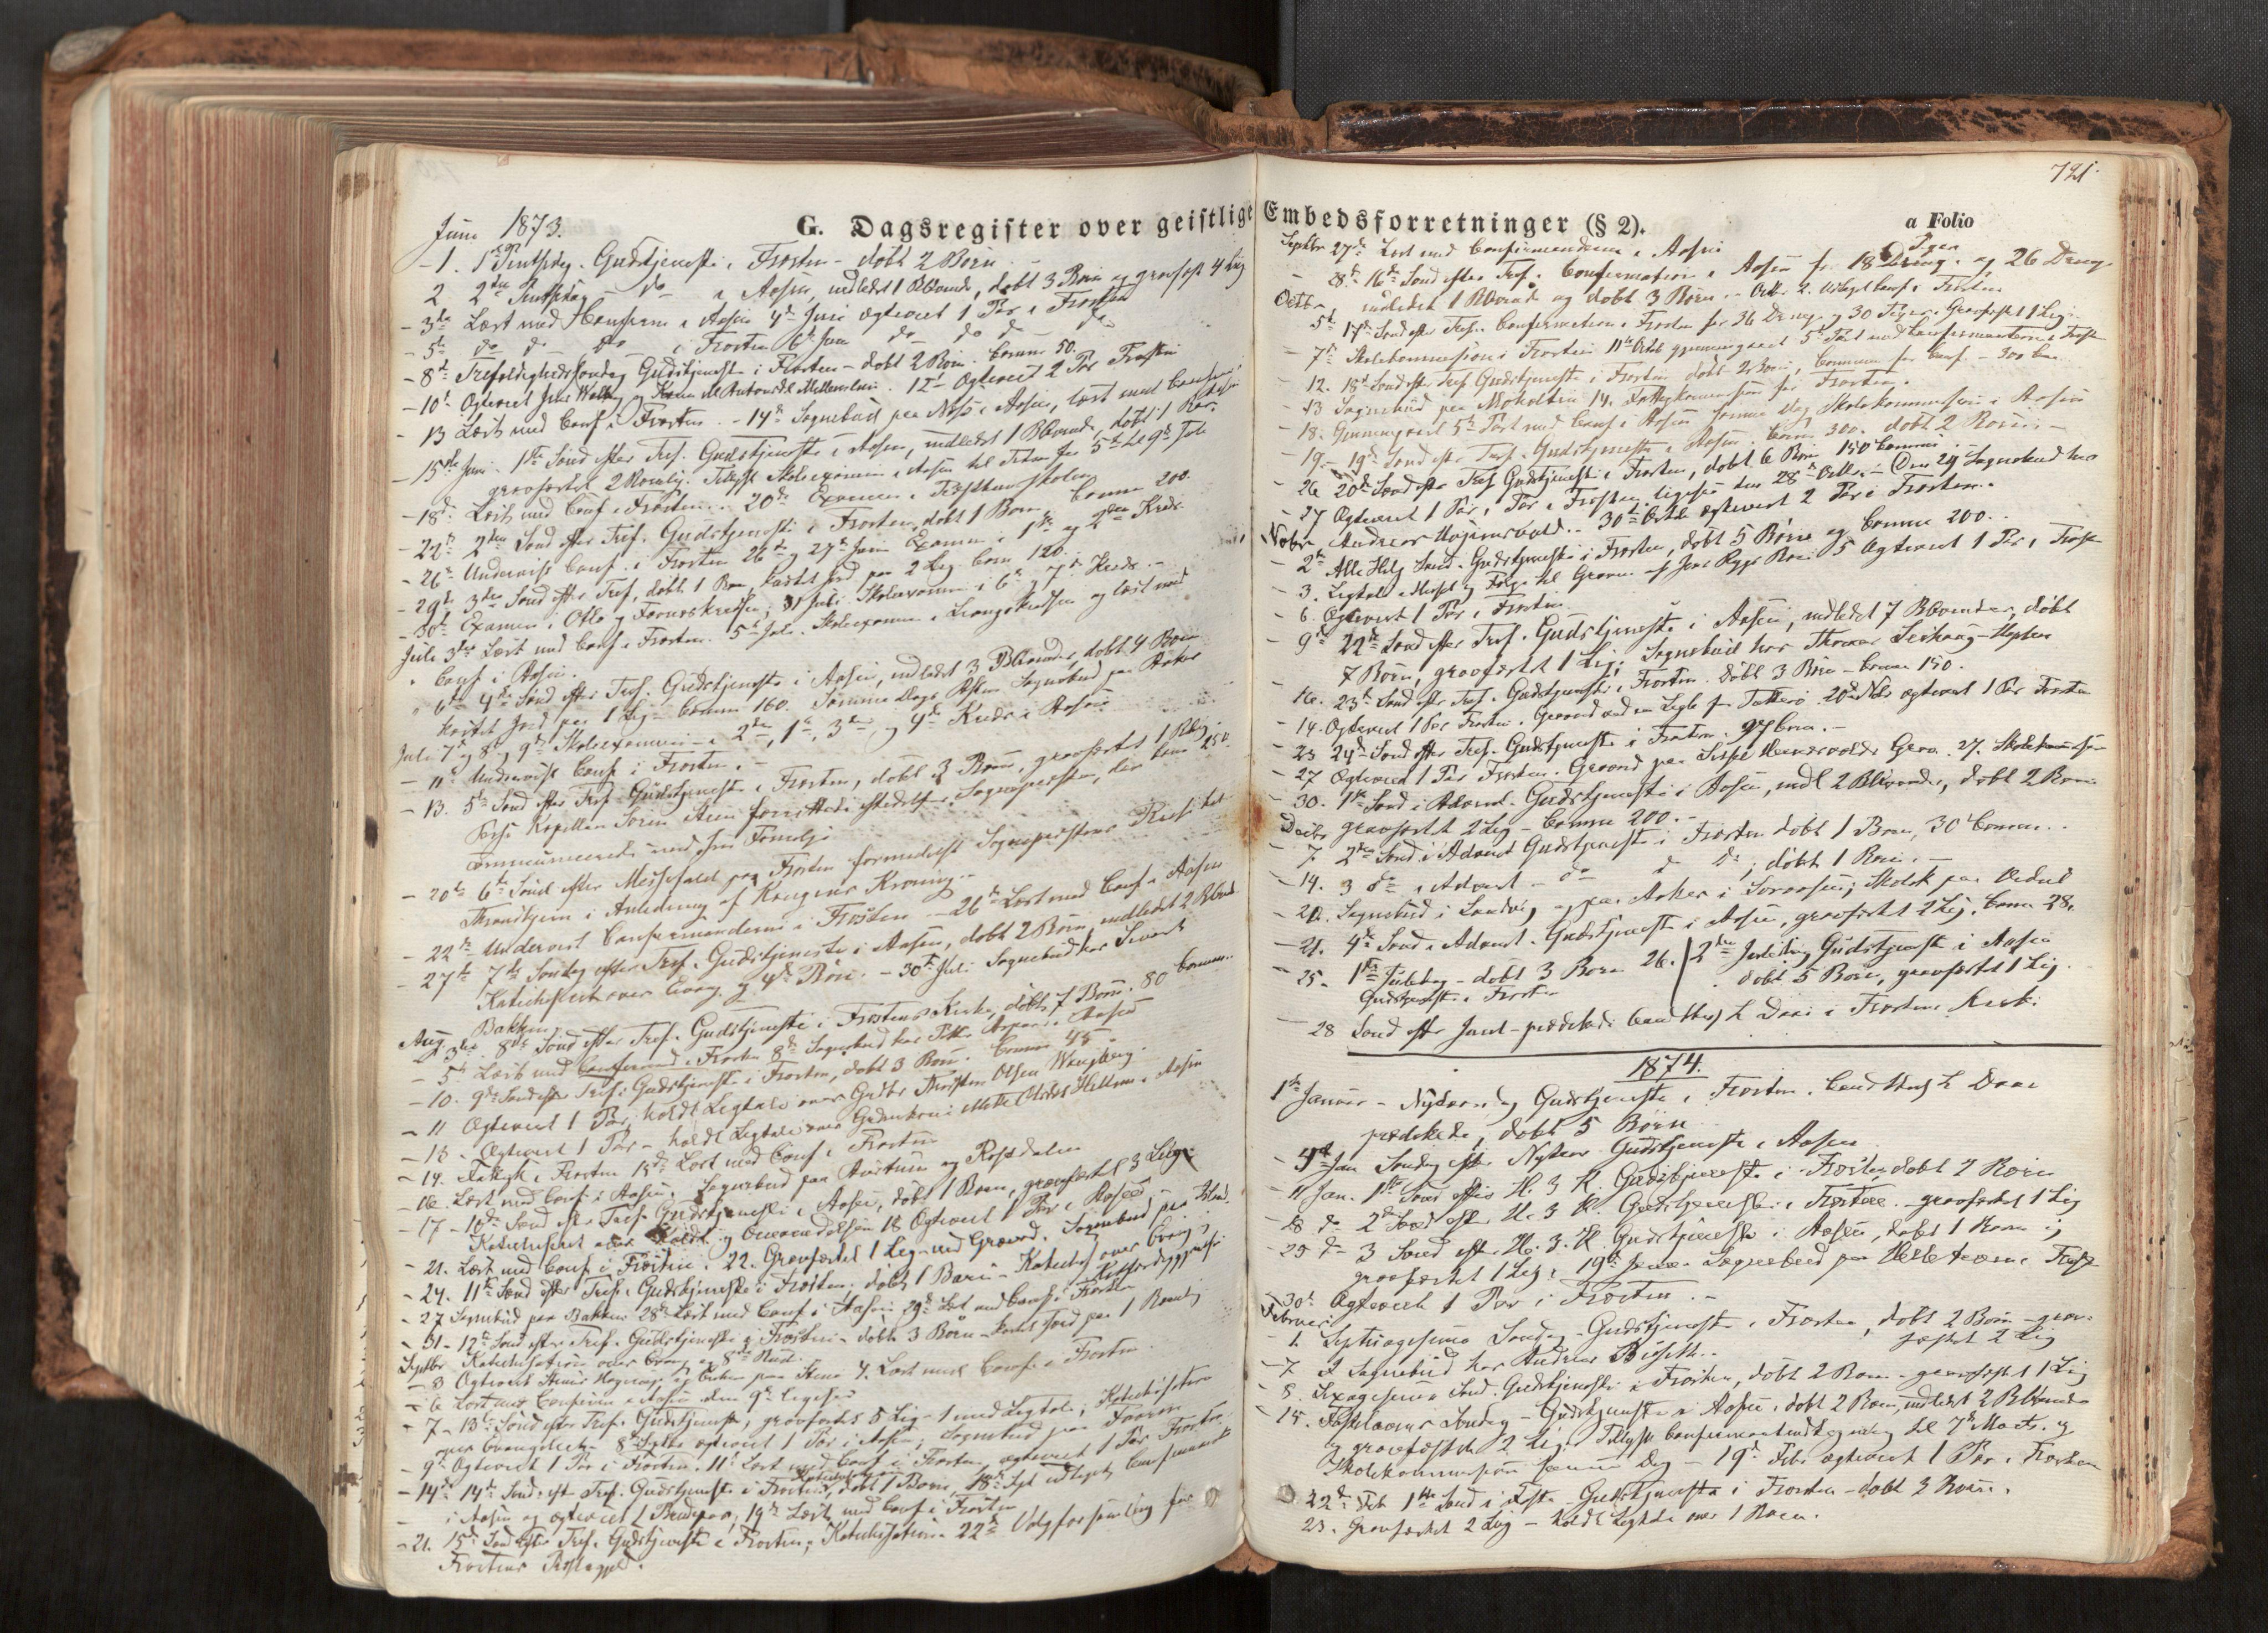 SAT, Ministerialprotokoller, klokkerbøker og fødselsregistre - Nord-Trøndelag, 713/L0116: Ministerialbok nr. 713A07, 1850-1877, s. 721